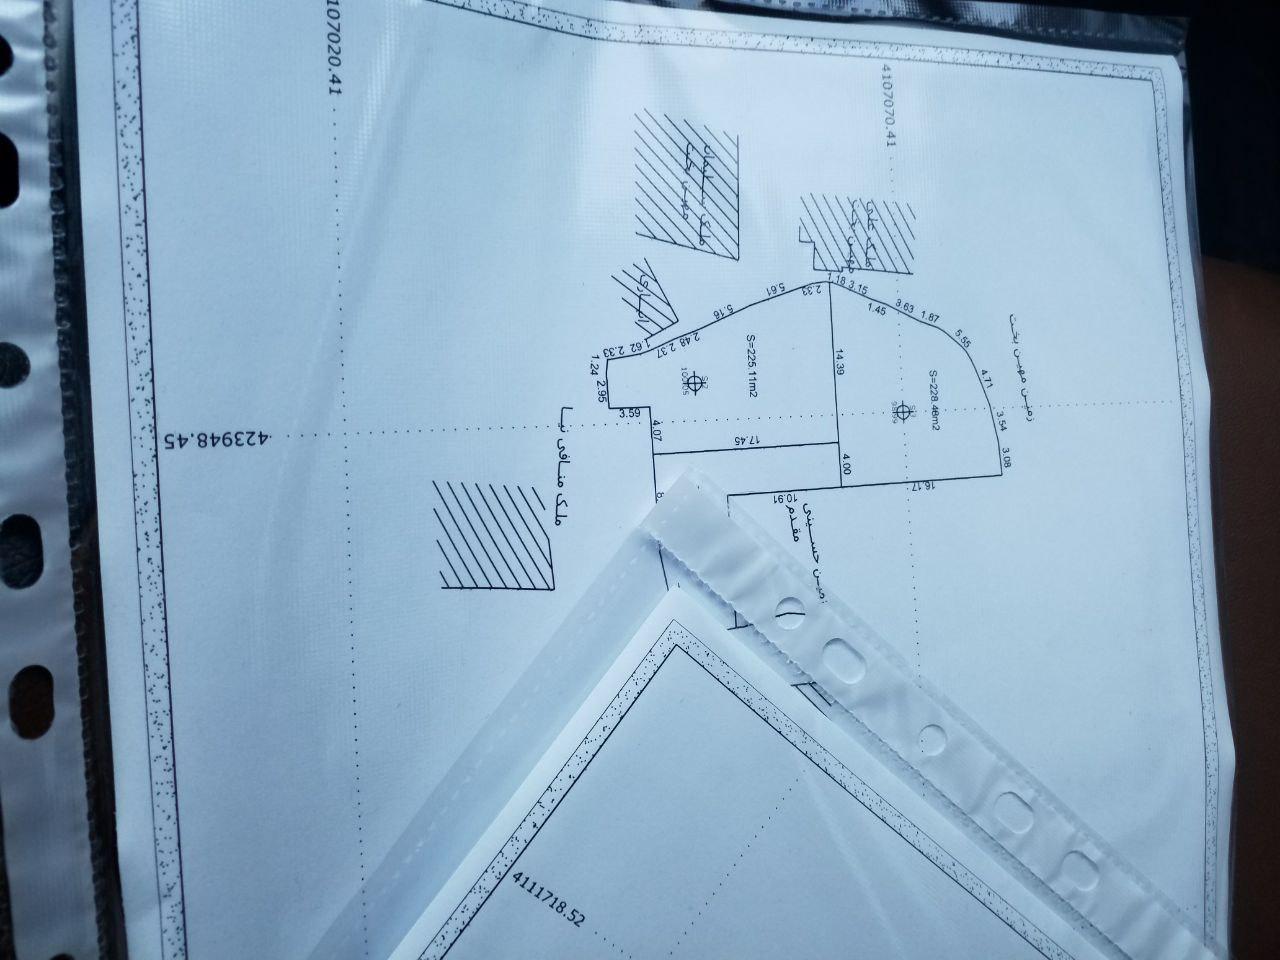 فروش 3 قطعه زمین مسکونی در اطاقور بیجارپس